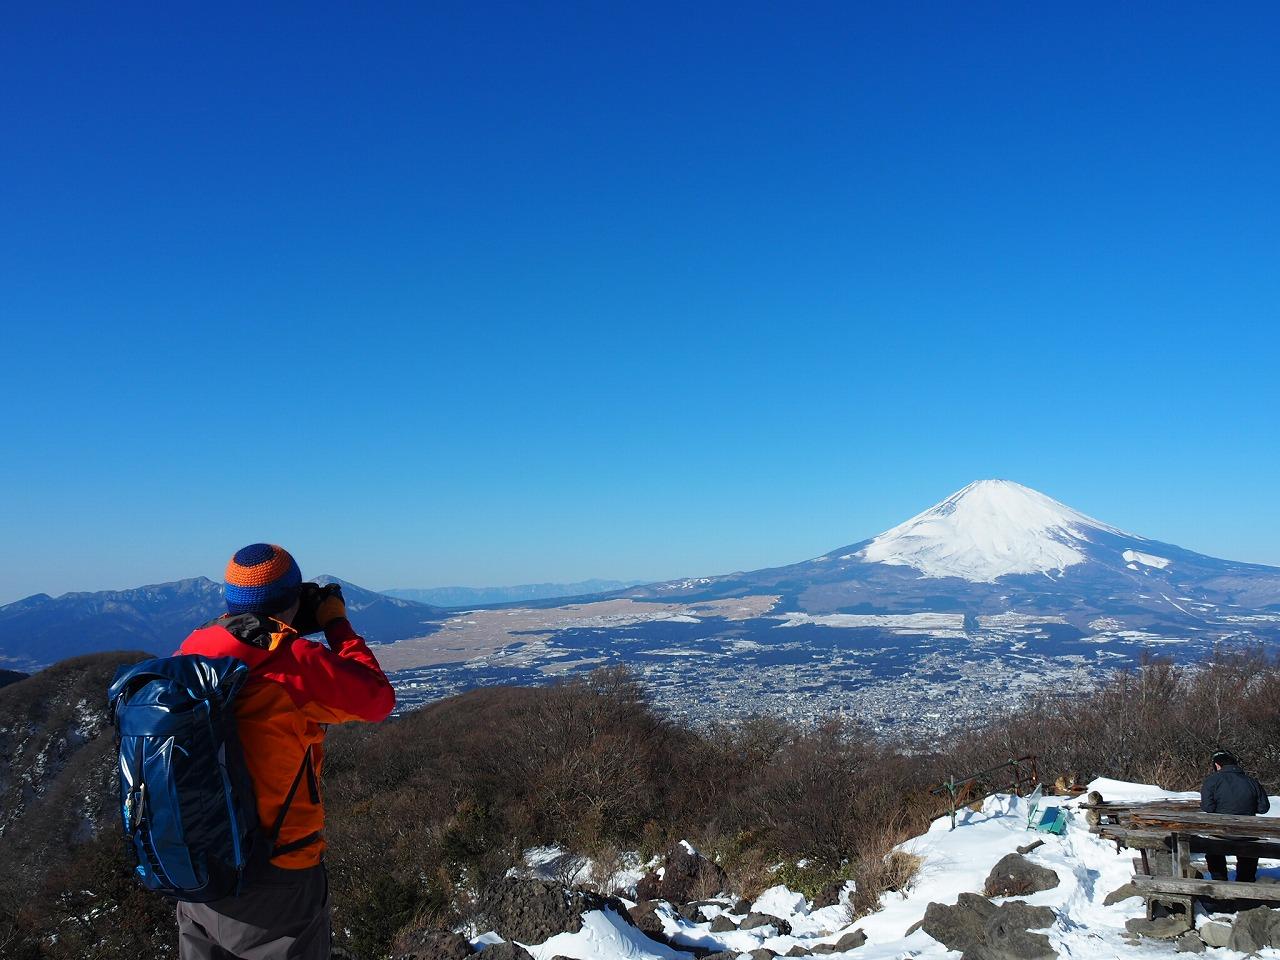 巨大な山も、離れたところから見ると、全体を一望できる